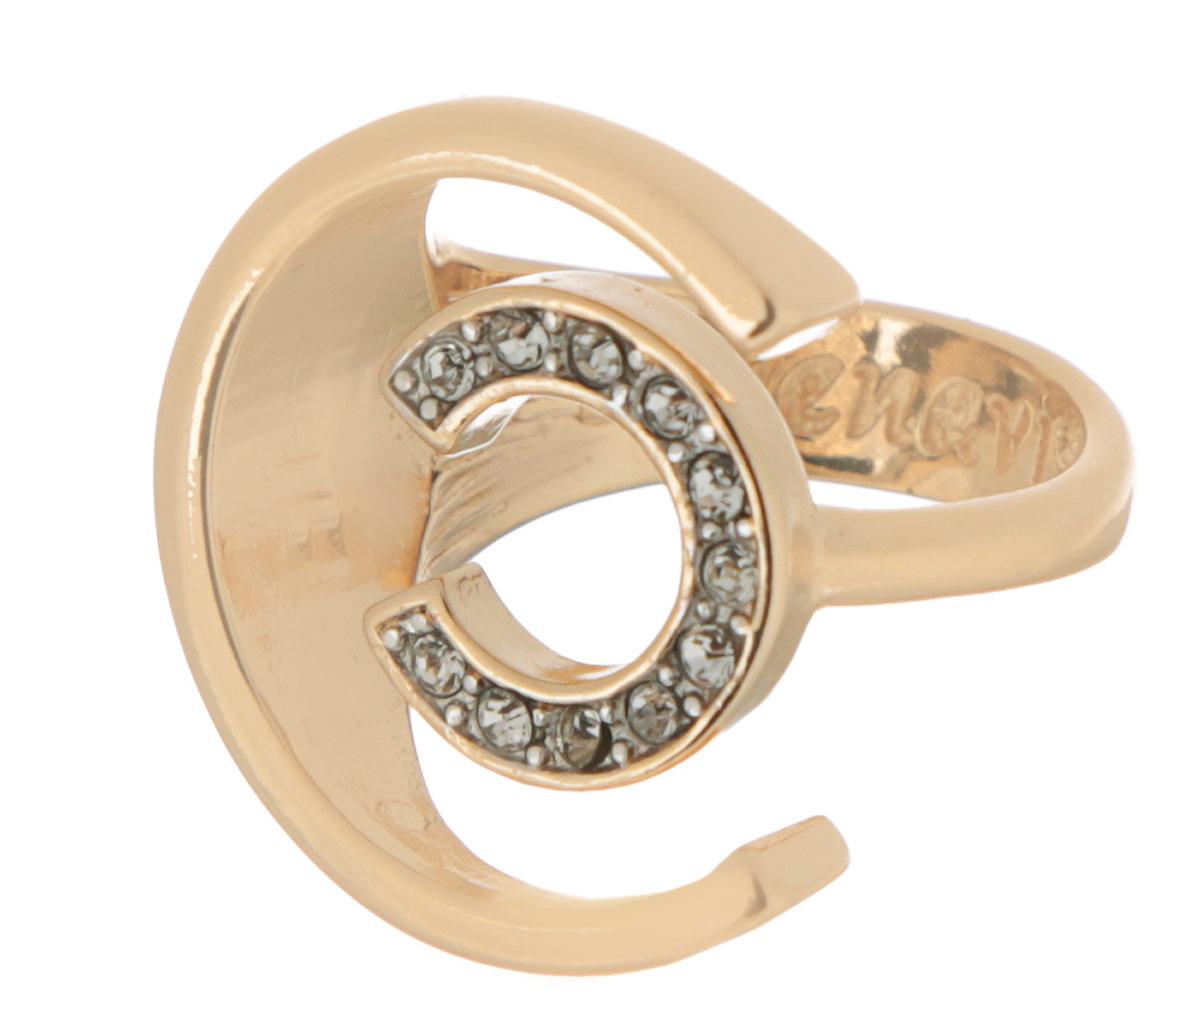 Кольцо Jenavi Форцетия, цвет: золотистый. Размер 17f506q000Элегантное кольцо Jenavi Форцетия выполнено из антиаллергического ювелирного сплава, покрытого позолотой с родированием. Декоративный элемент выполнен в виде двух полуокружностей разного диаметра, одна из которых инкрустирована гранеными кристаллами Swarovski. Стильное кольцо придаст вашему образу изюминку и подчеркнет индивидуальность.